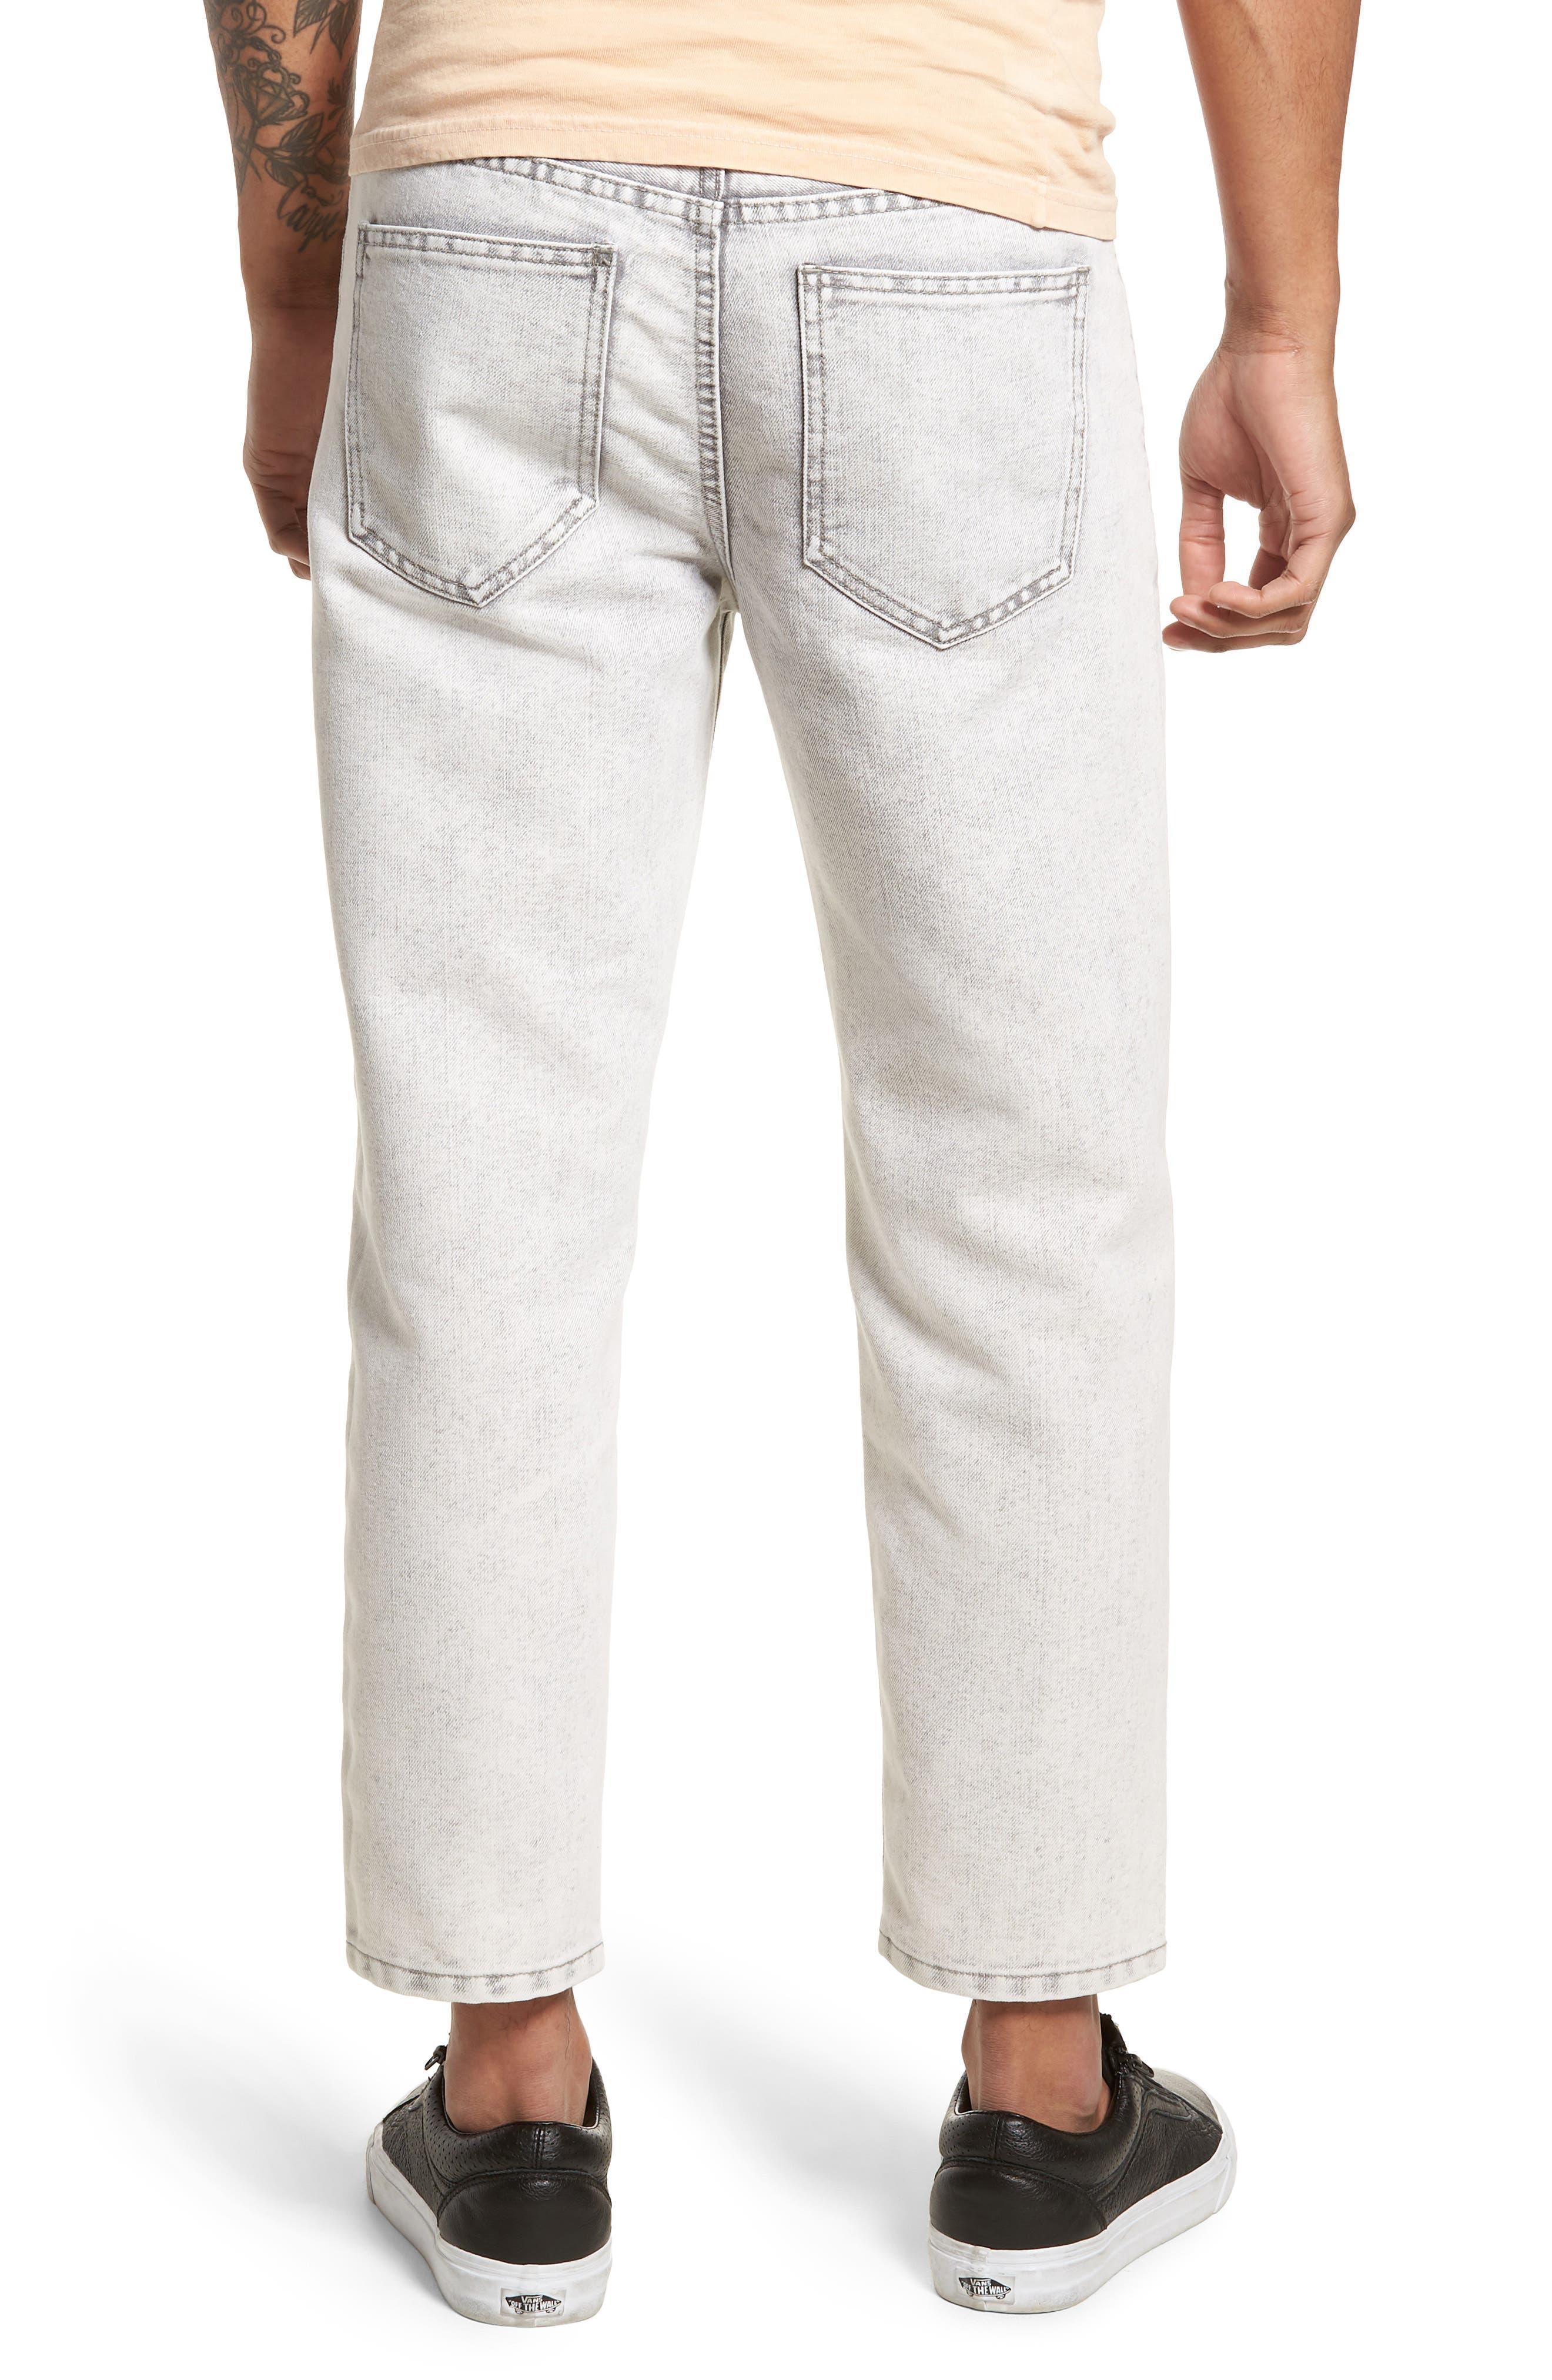 Dr. Denim Jeansmaker Otis Straight Fit Jeans,                             Alternate thumbnail 2, color,                             Dirty White